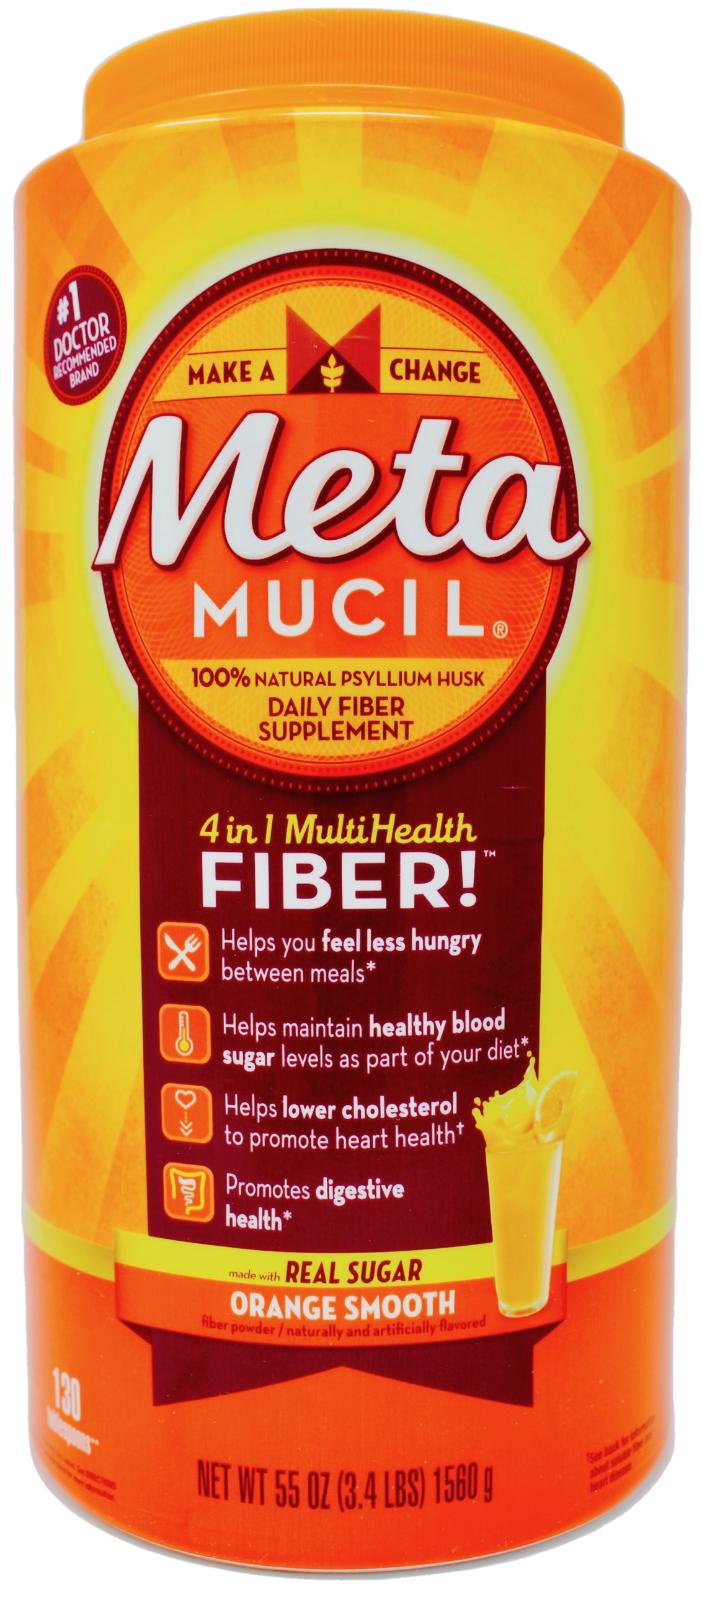 Metamucil Fiber Supplement 100% Psyllium Husk Orange Flavor, 130 or 260 Doses